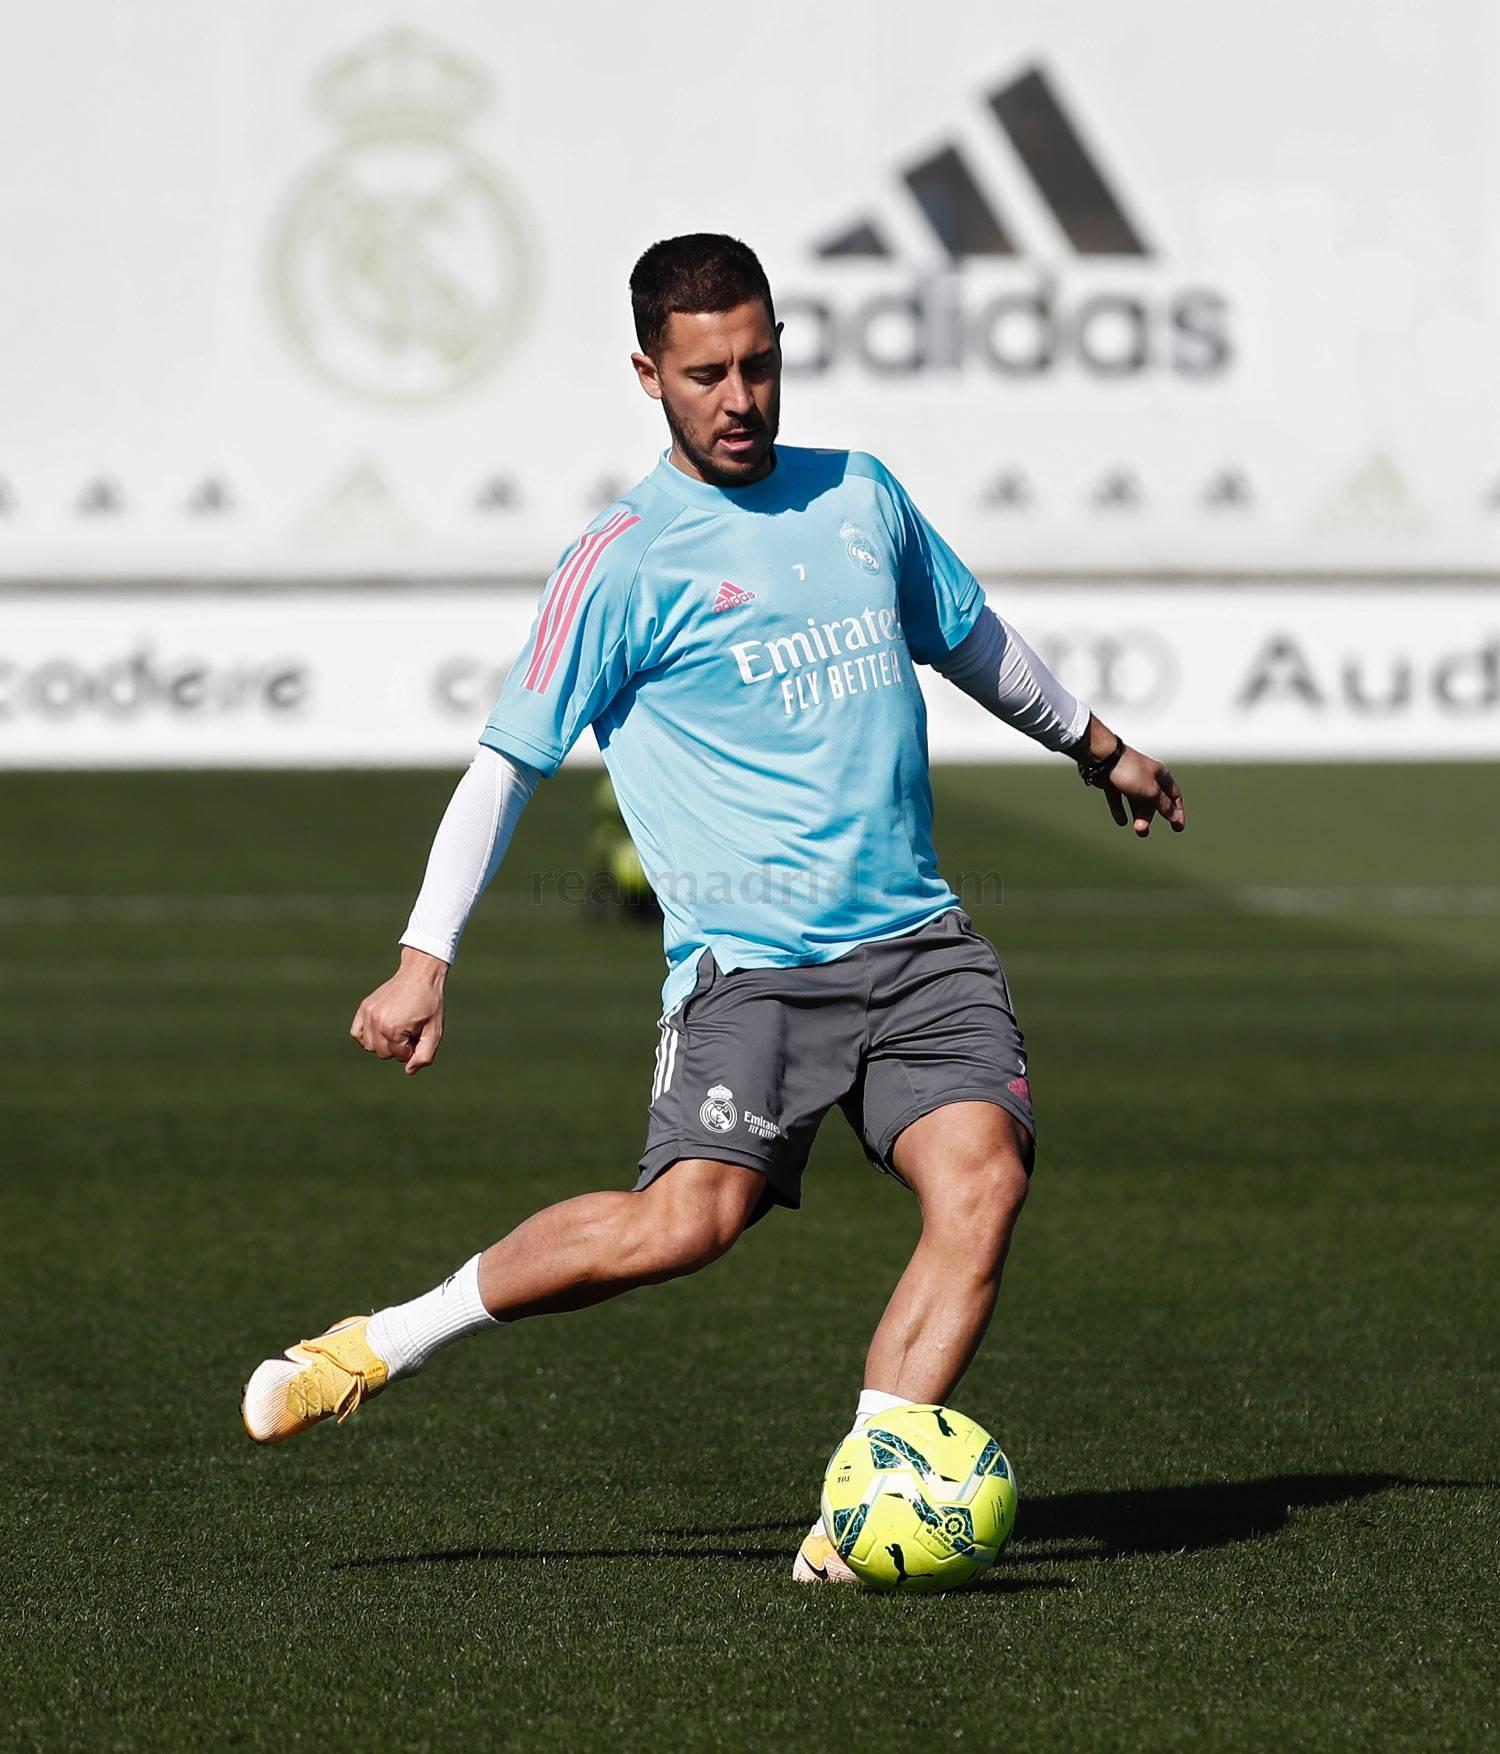 Entrenamiento del Real Madrid  - 23-04-2021